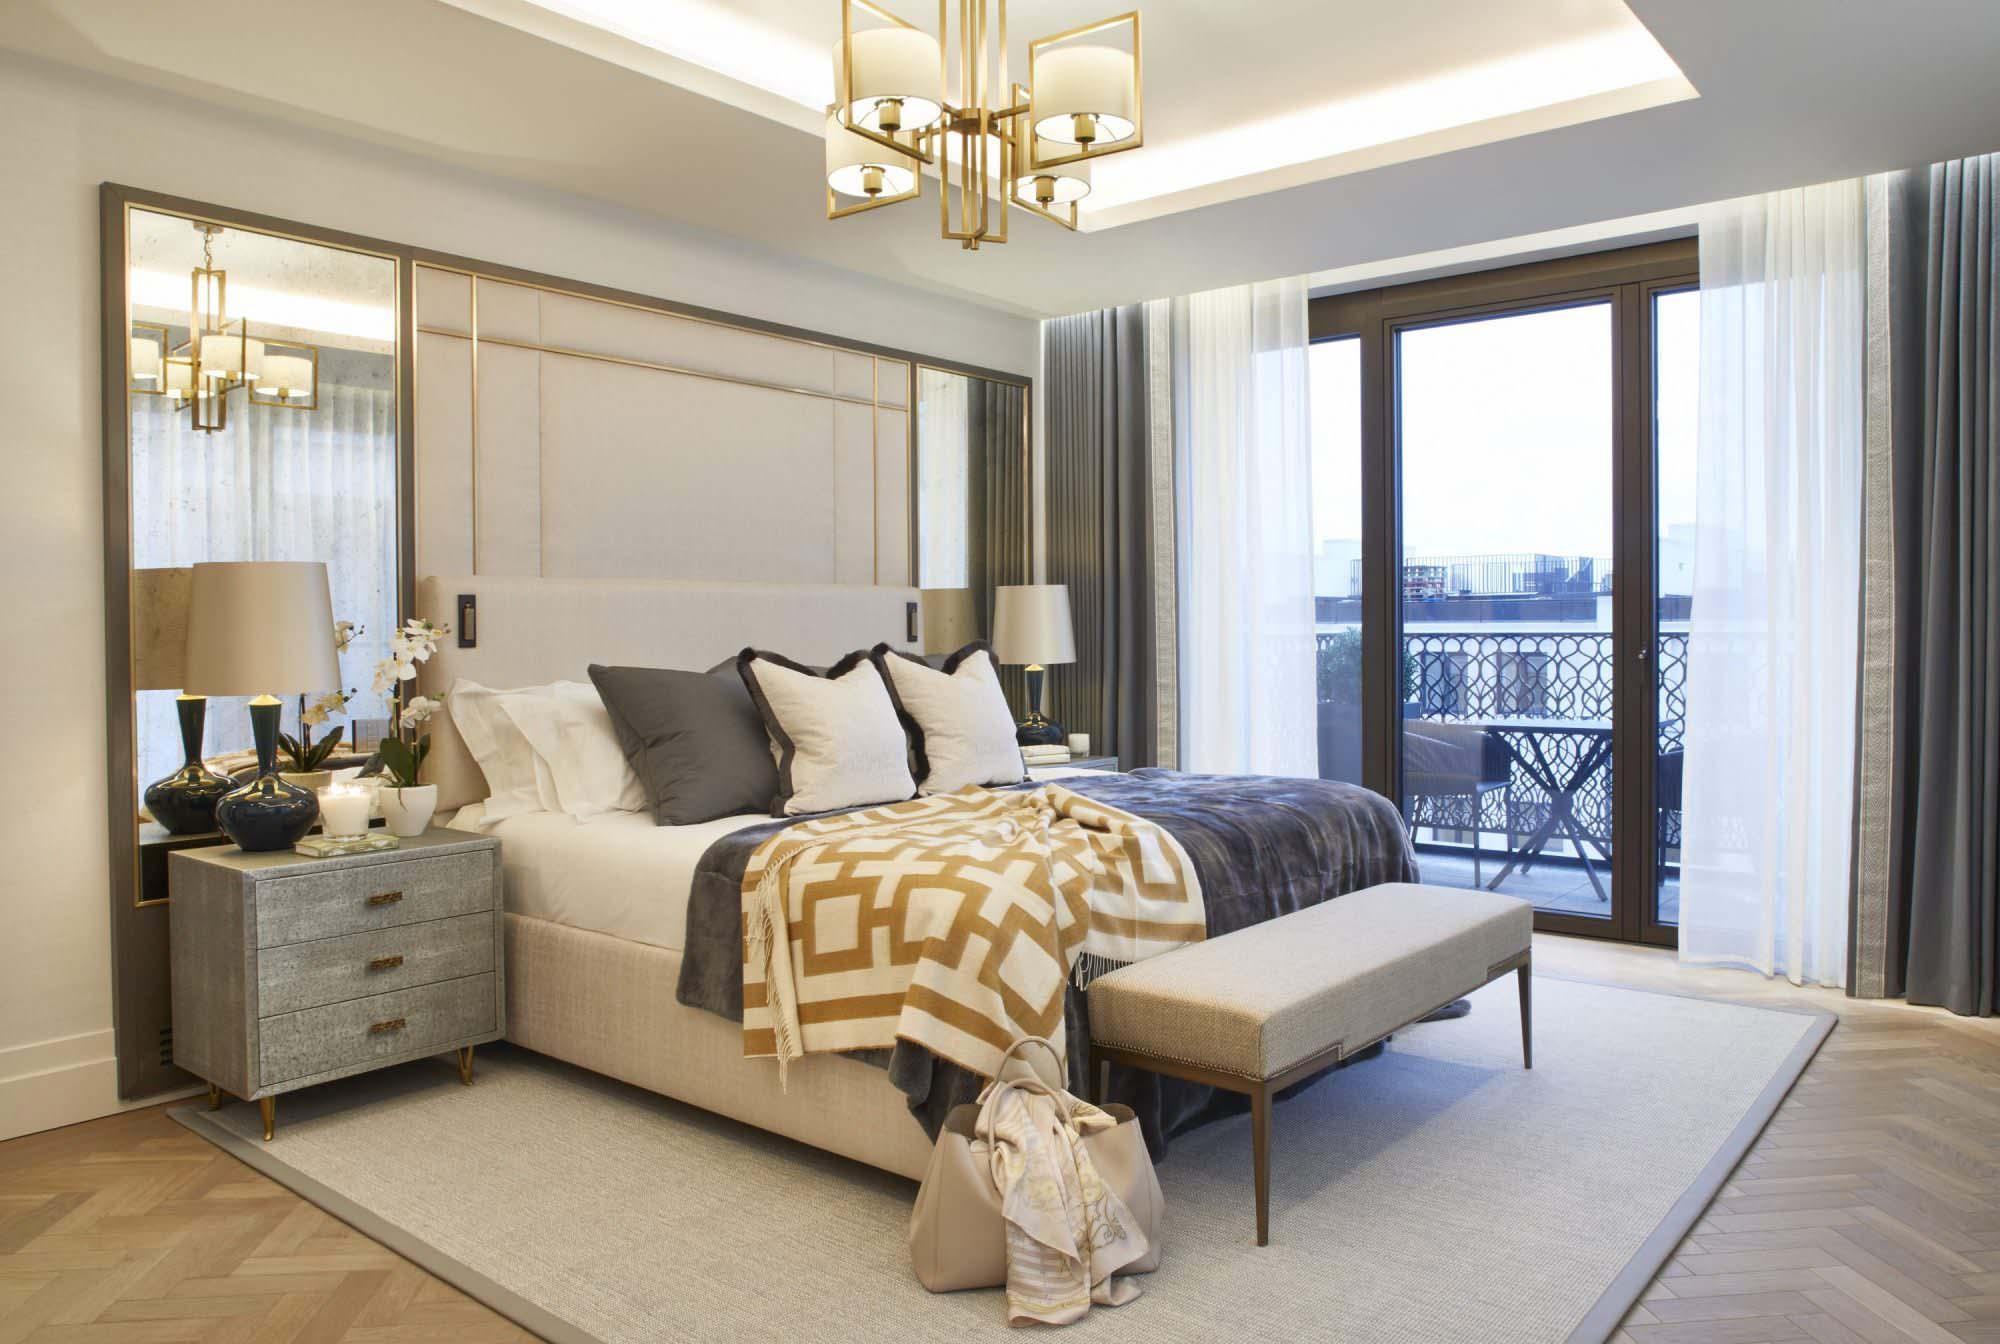 Taylor Howes Luxury Interior Design Studio London Interior Design